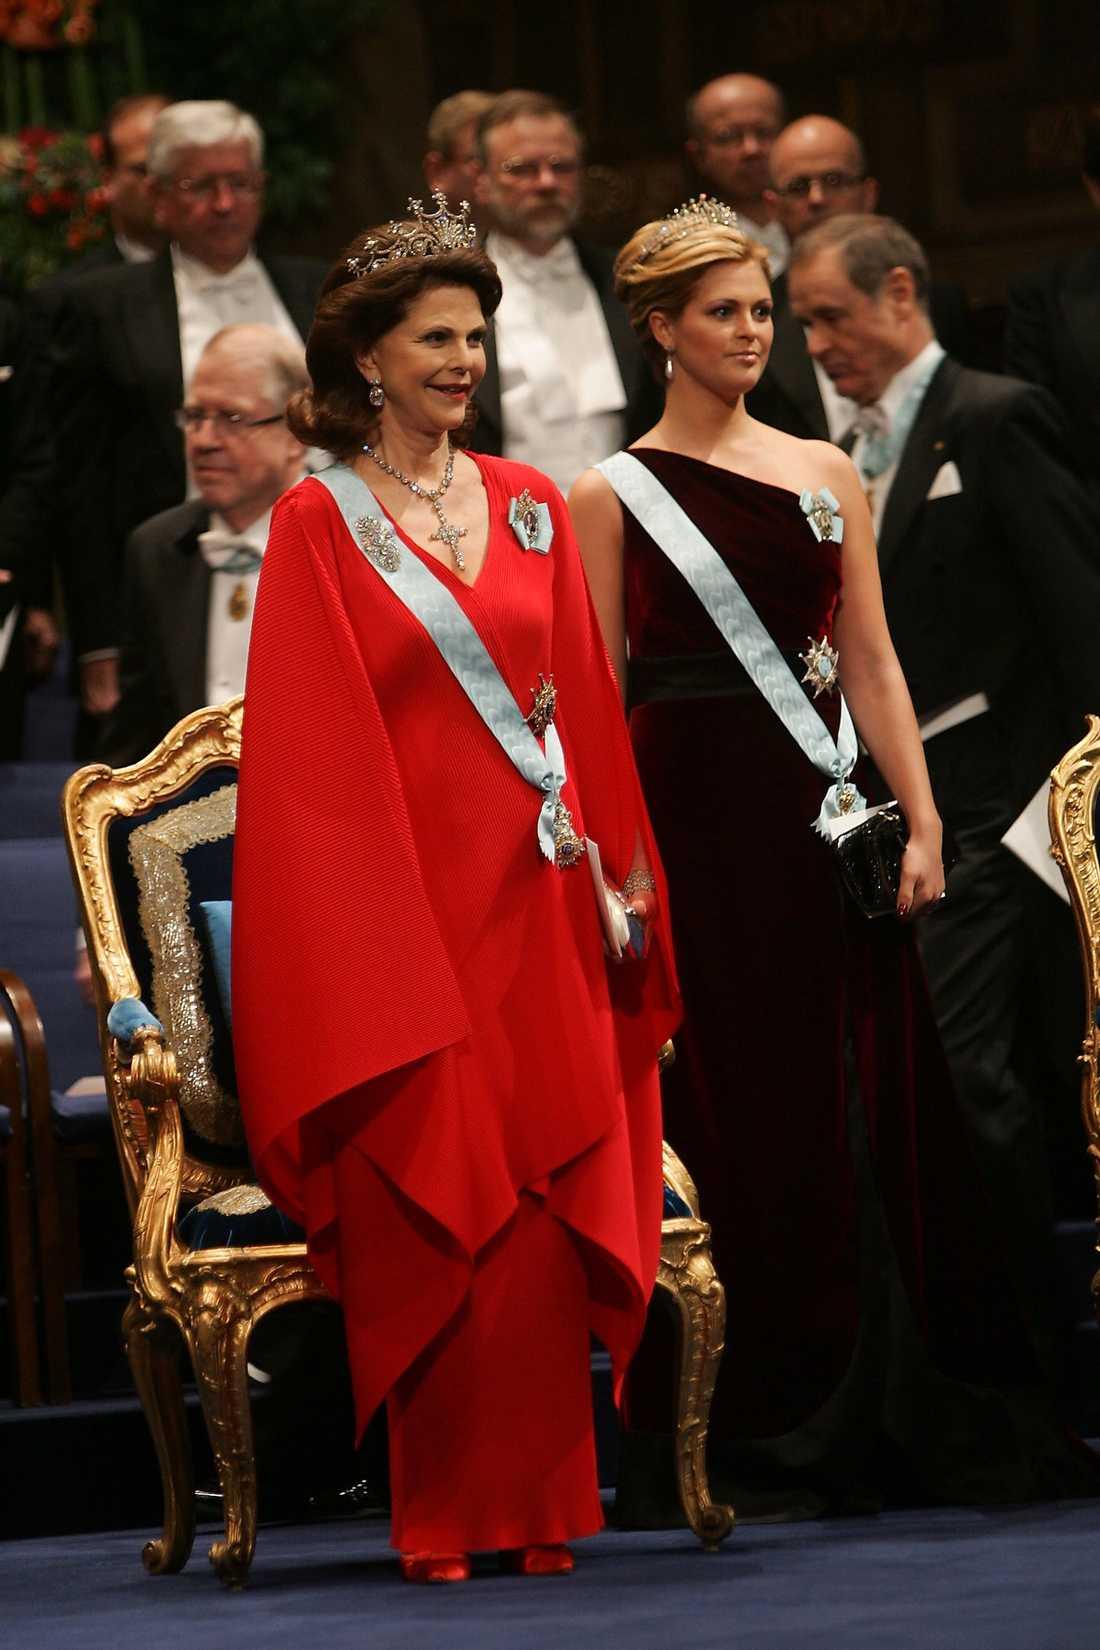 Silvia klär så himla bra i starka färger och jag älskar det här lite annorlunda rebelliska röda skynket. Även den från 2007, ett mycket bra år för kungafamiljen!